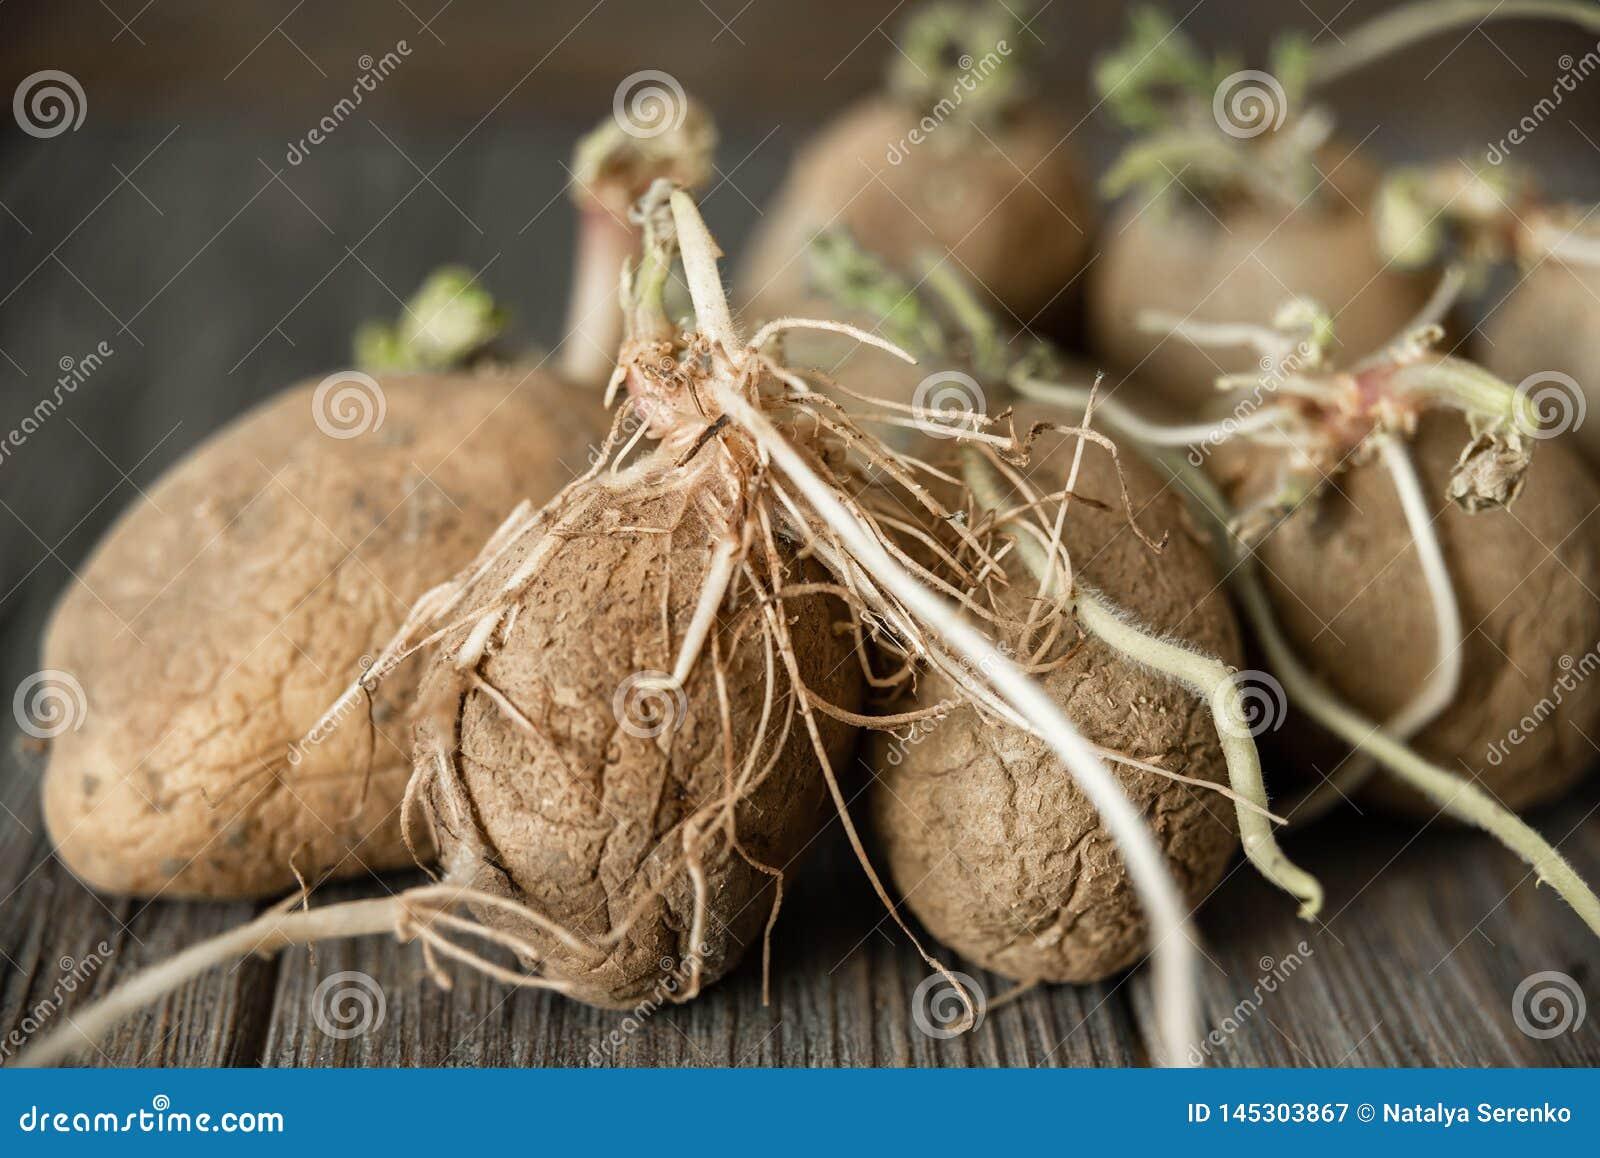 Ontsproten lelijke organische aardappel op houten achtergrond